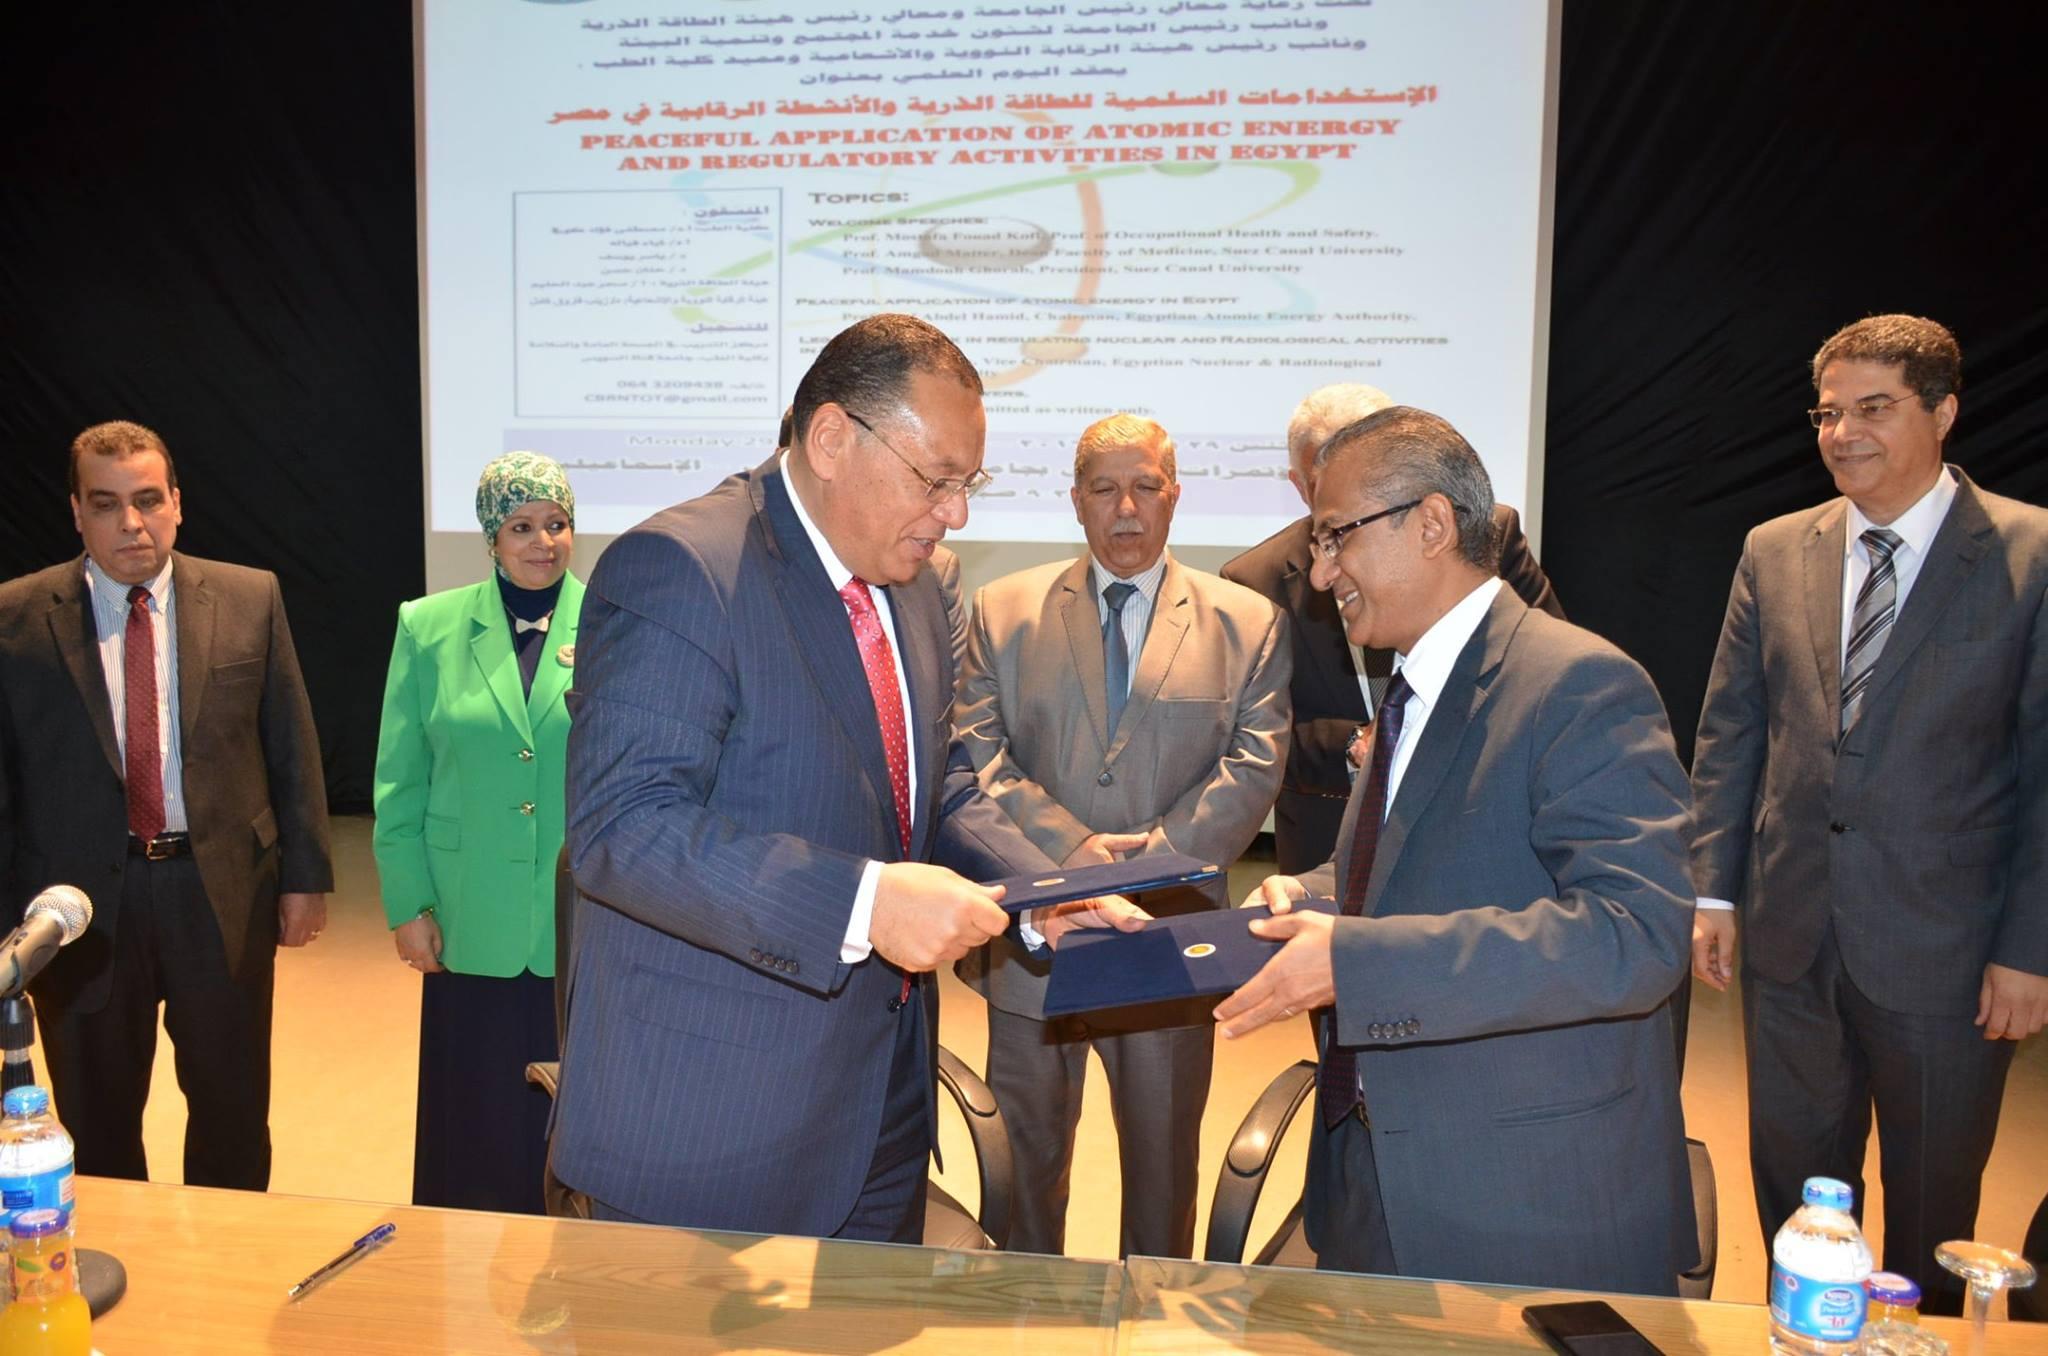 توقيع بروتكول التعاون بين جامعة قناة السويس وهيئة الطاقة الذرية في مجالات التعليم